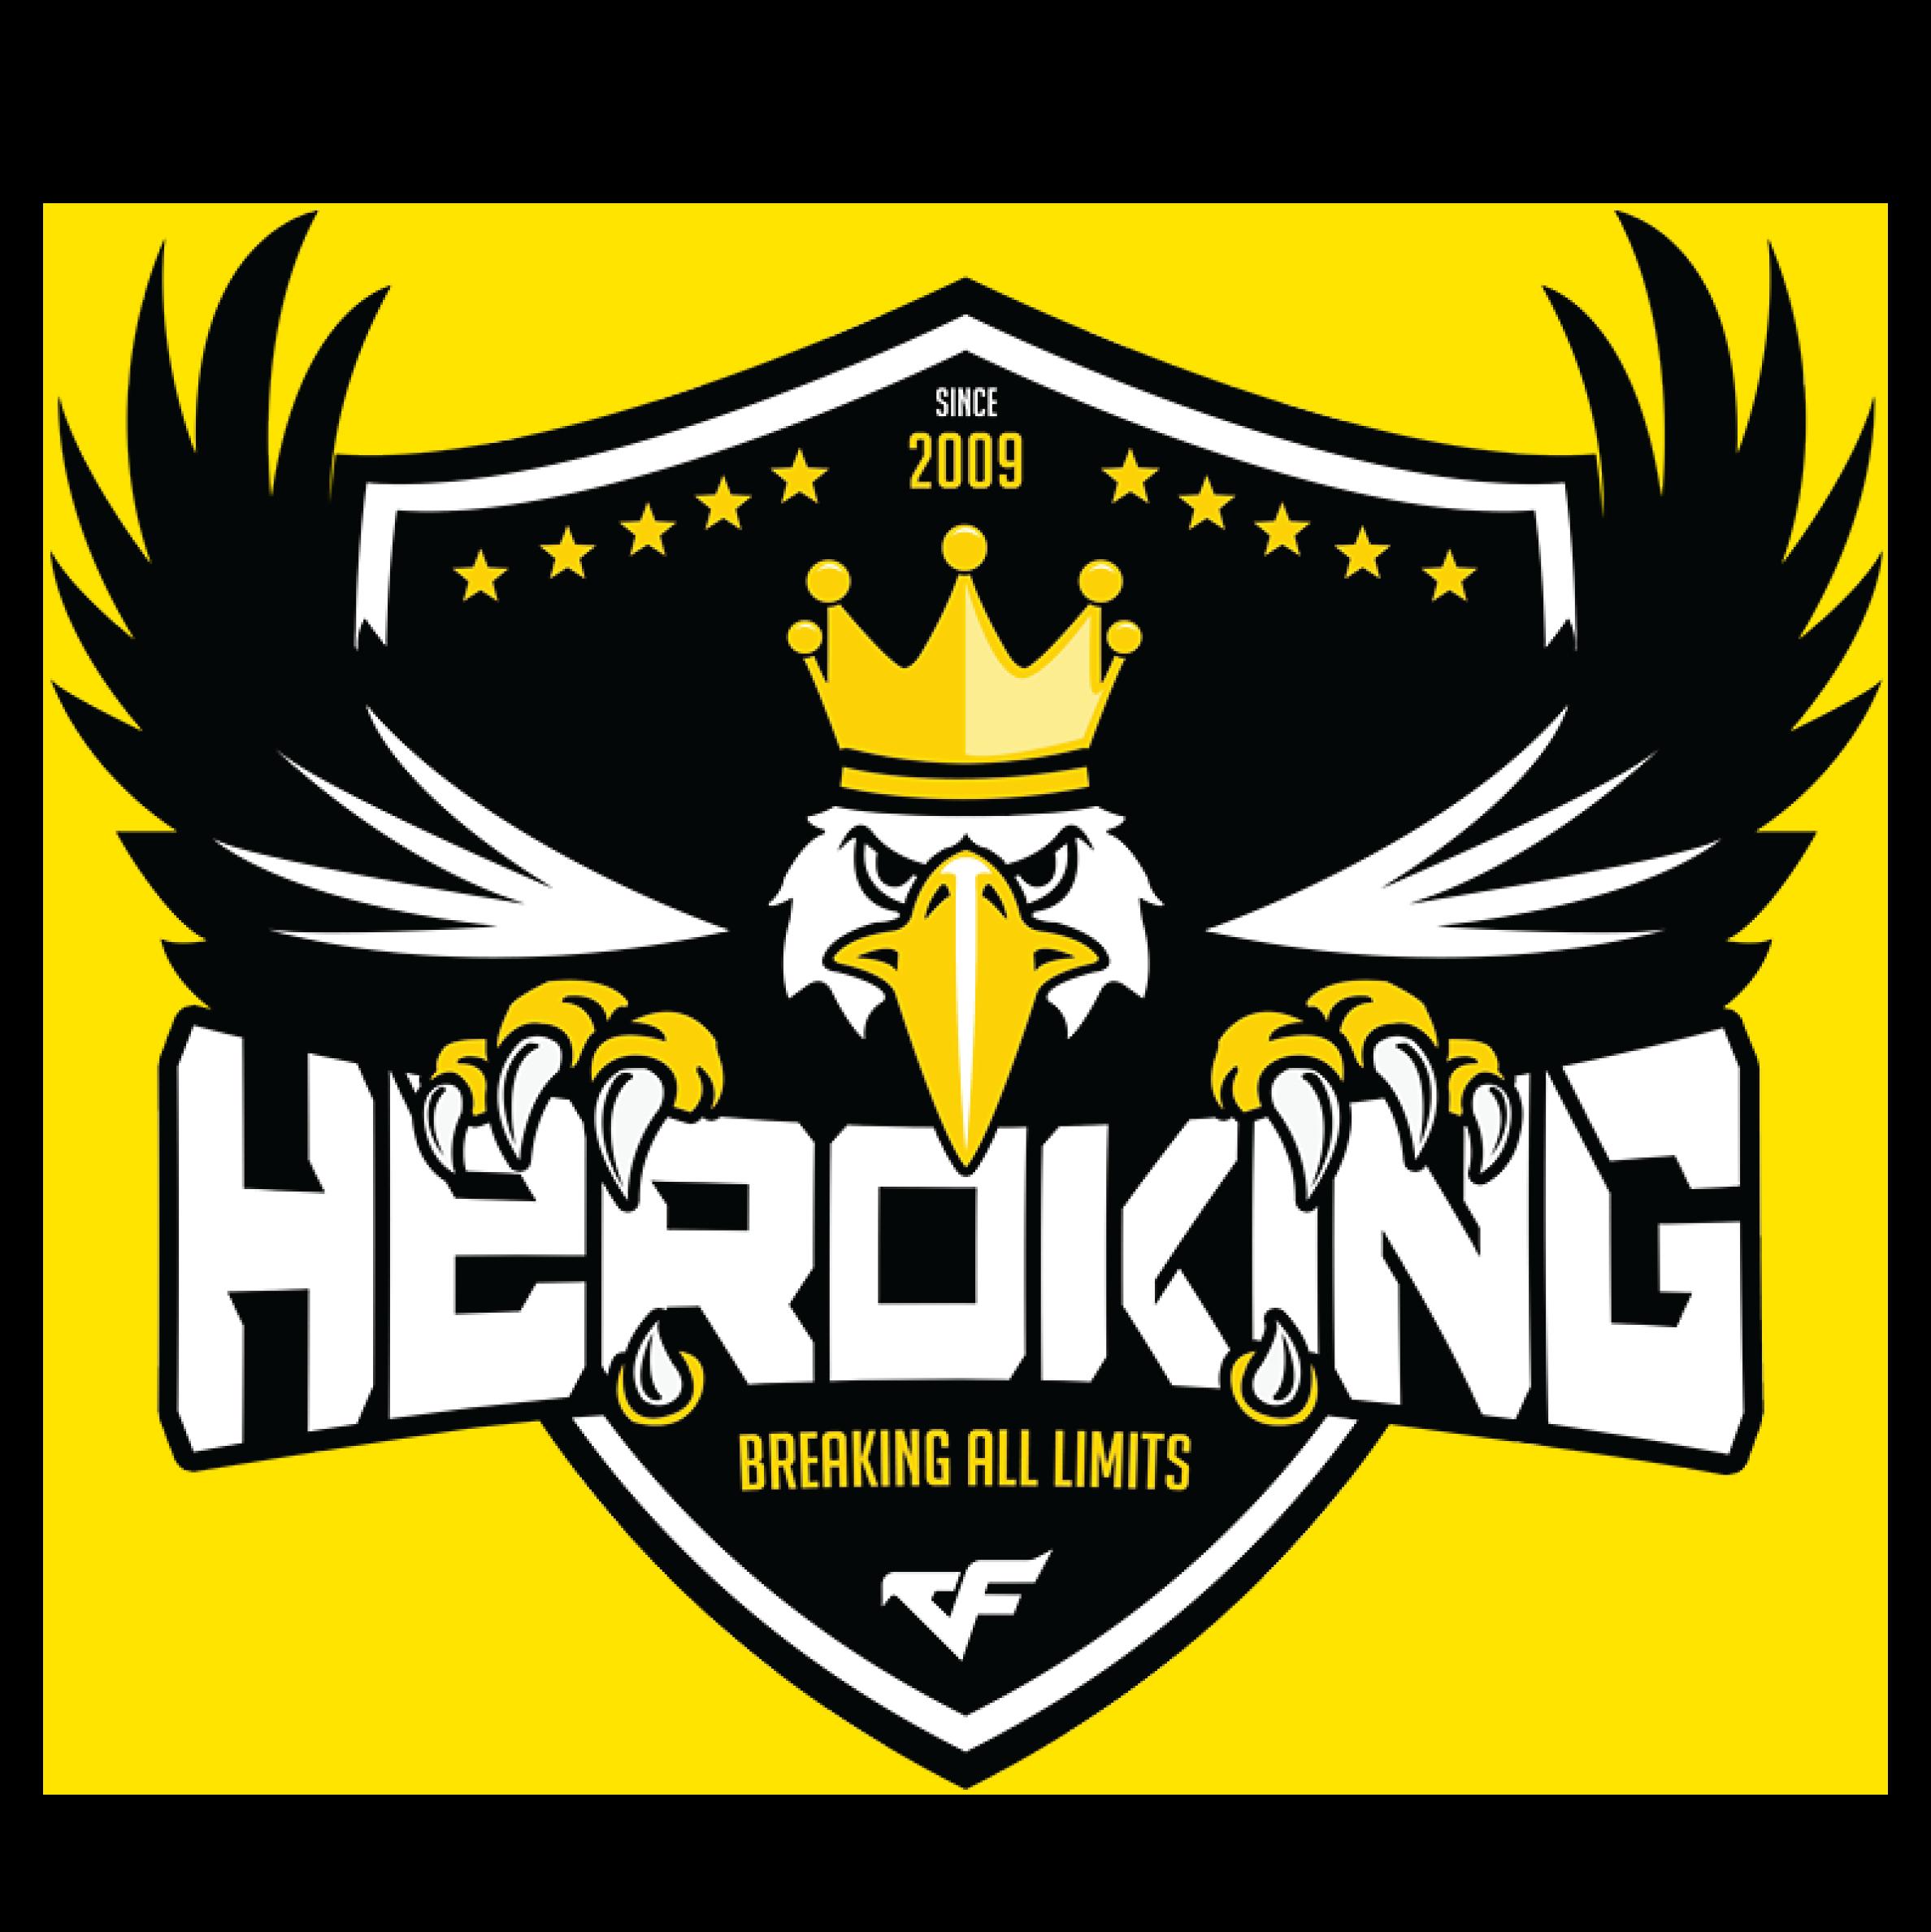 HERO KING